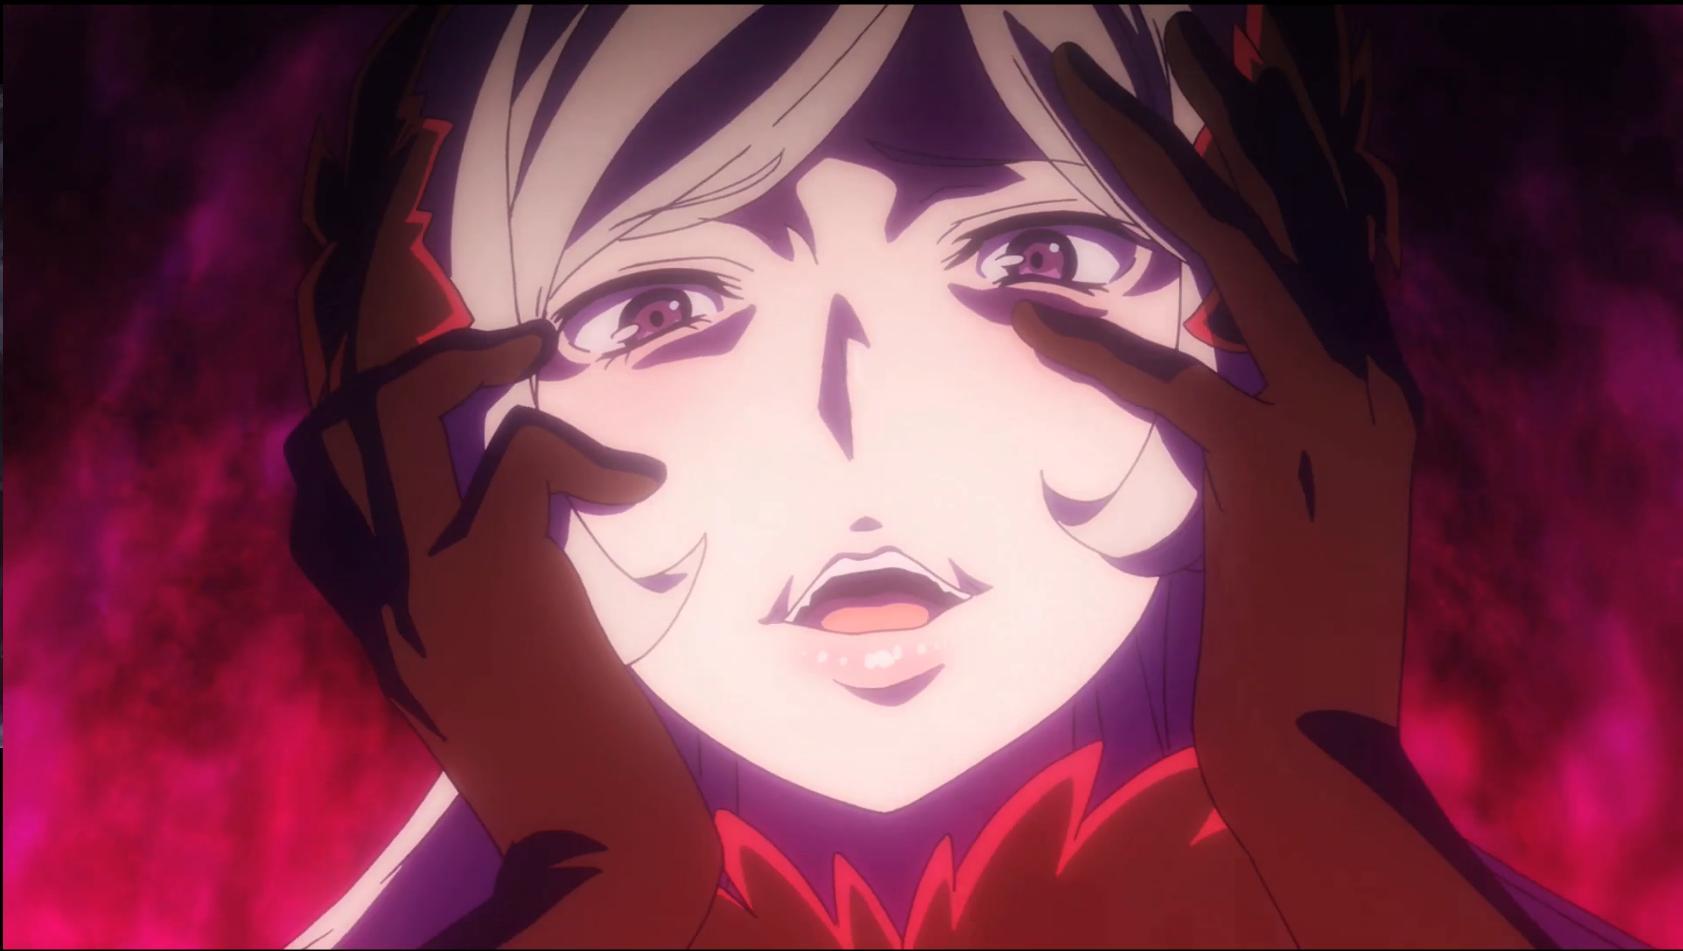 Dungeon ni Deai wo Motomeru no wa Machigatteiru Darou ka Episode 8